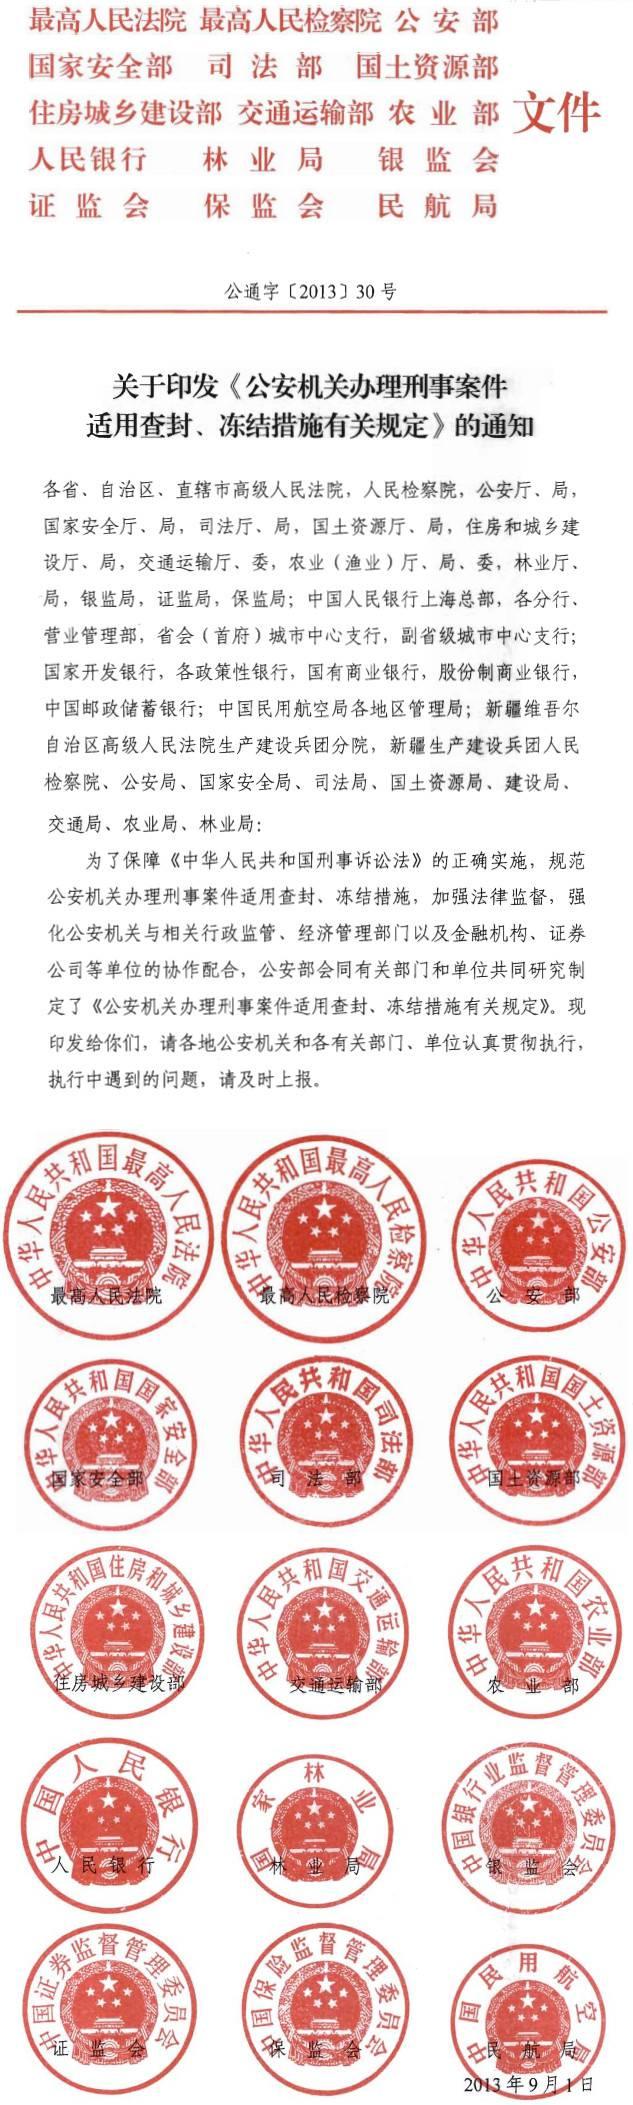 公通字〔2013〕30号 关于印发《公安机关办理刑事案件适用查封、冻结措施有关规定》的通知